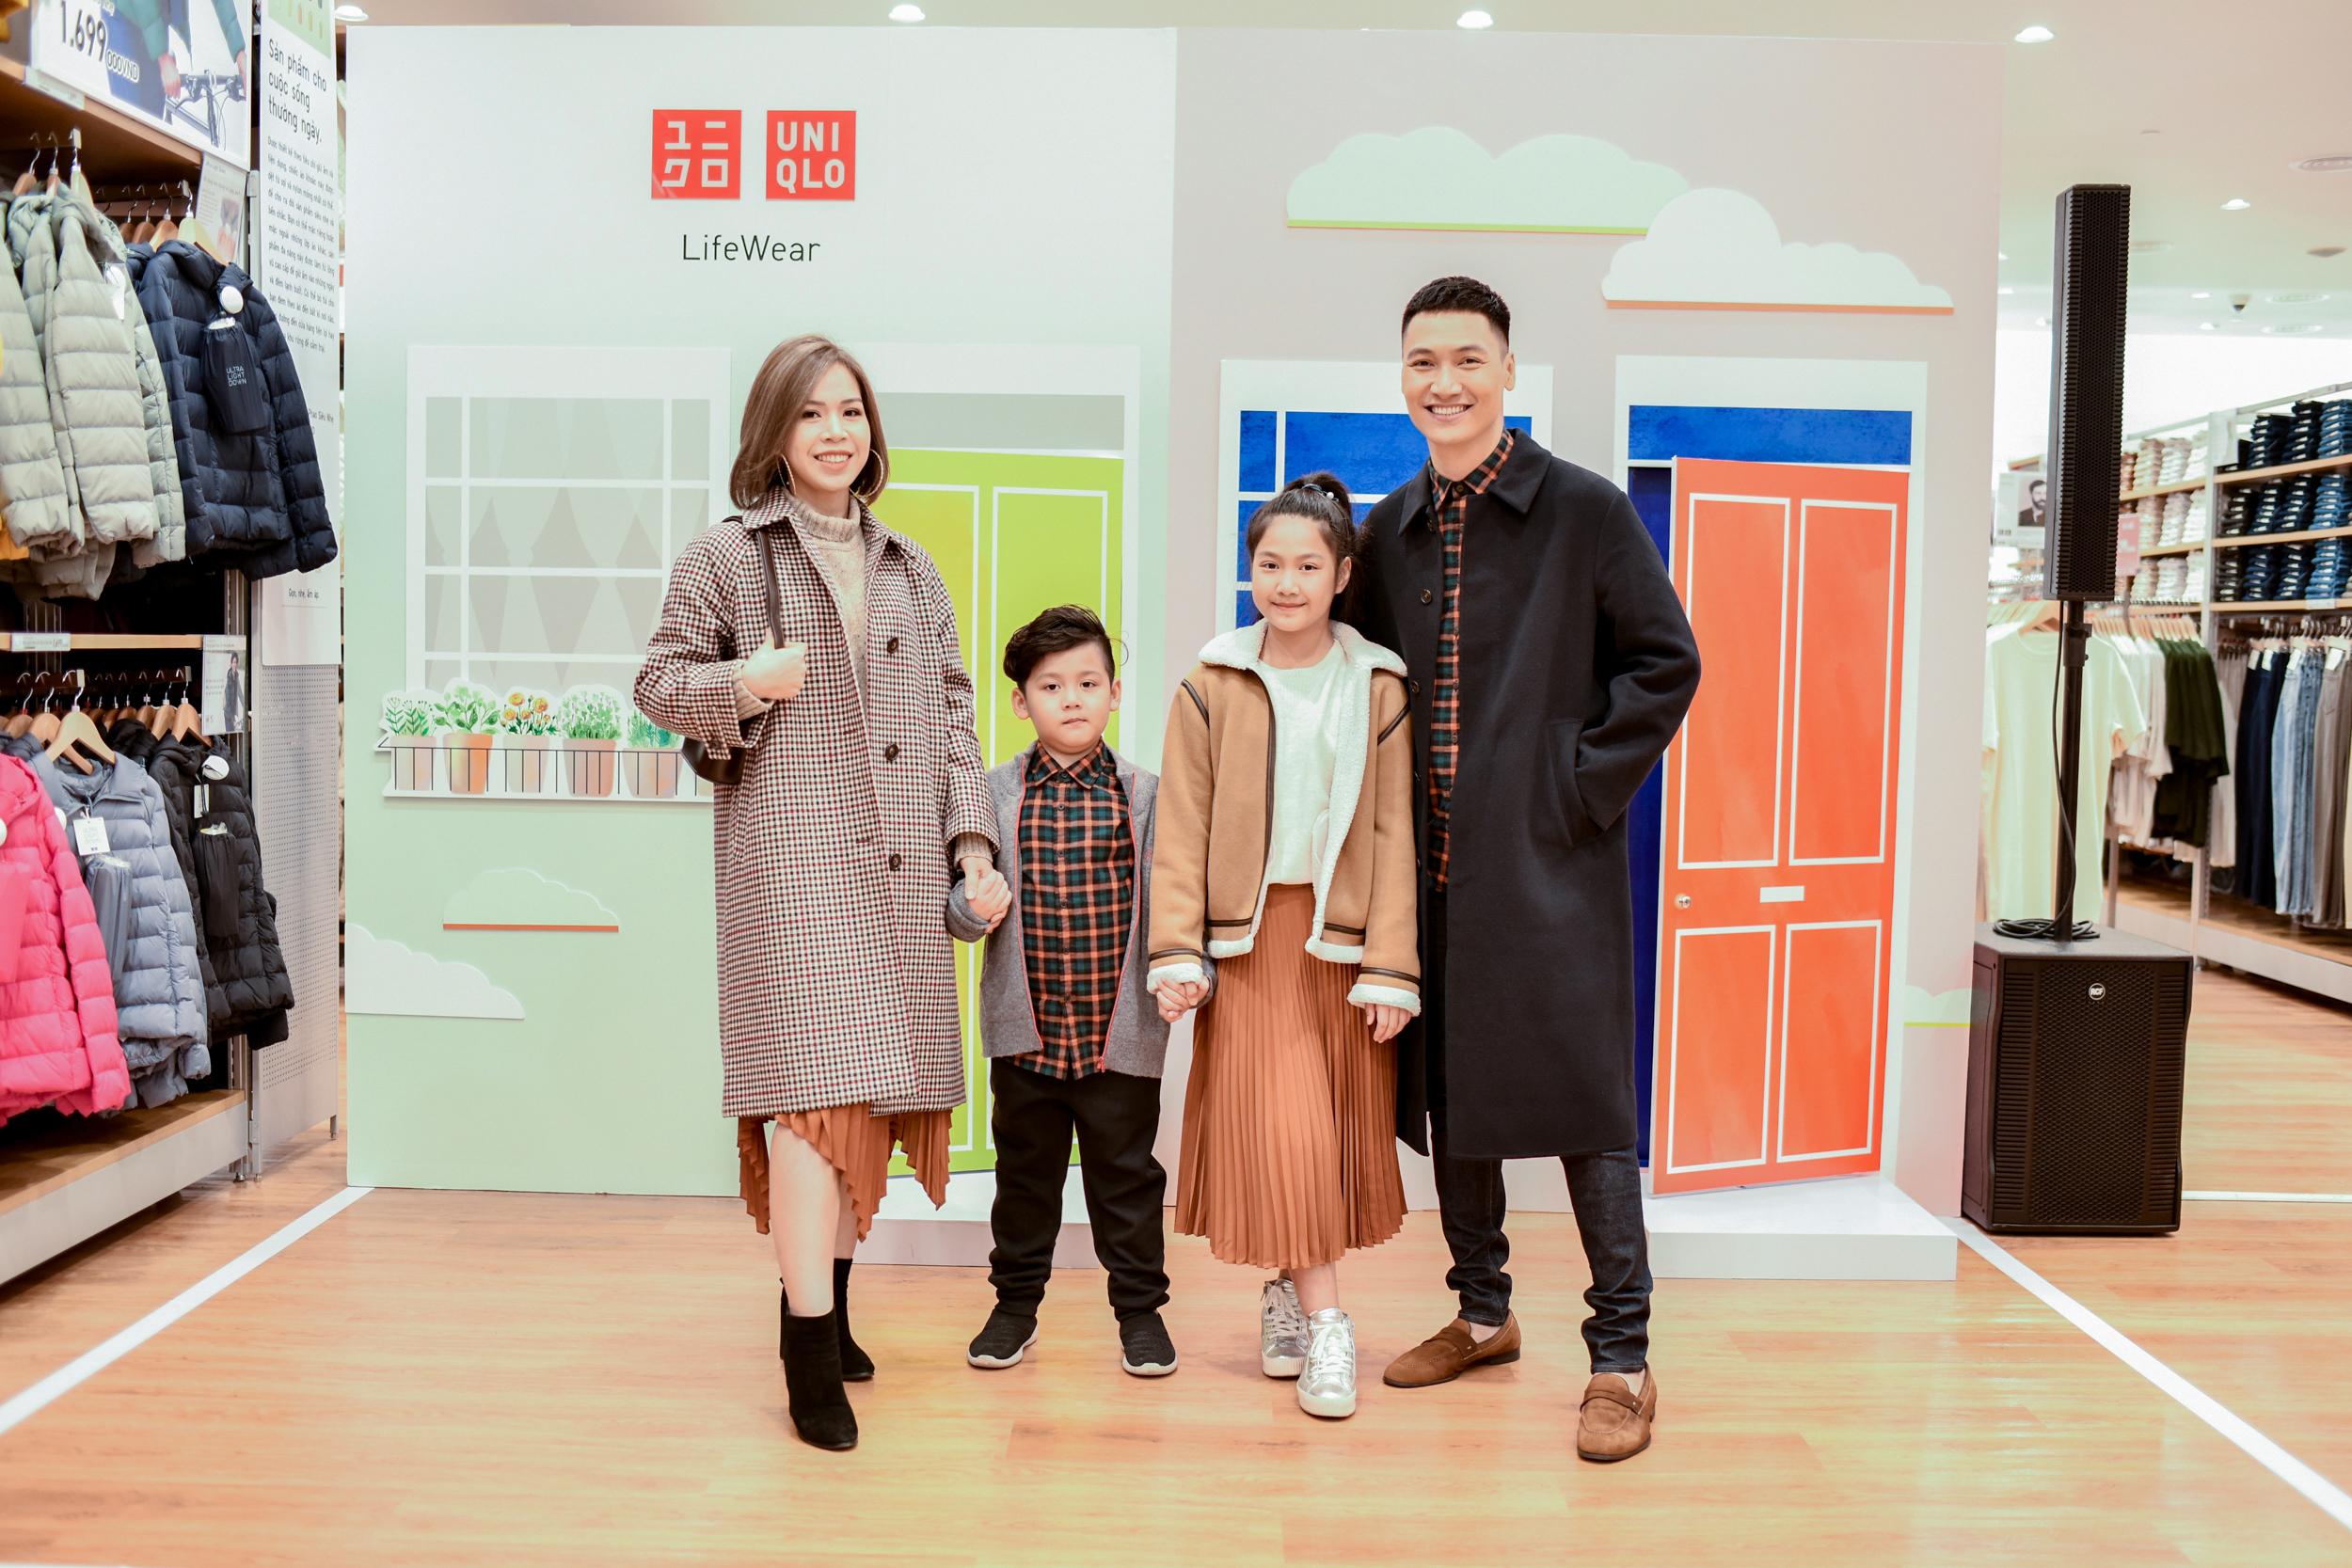 Á hậu Thụy Vân và gia đình diễn viên Mạnh Tường dự khai trước store thứ 3 của UNIQLO tại Hà Nội - Ảnh 1.